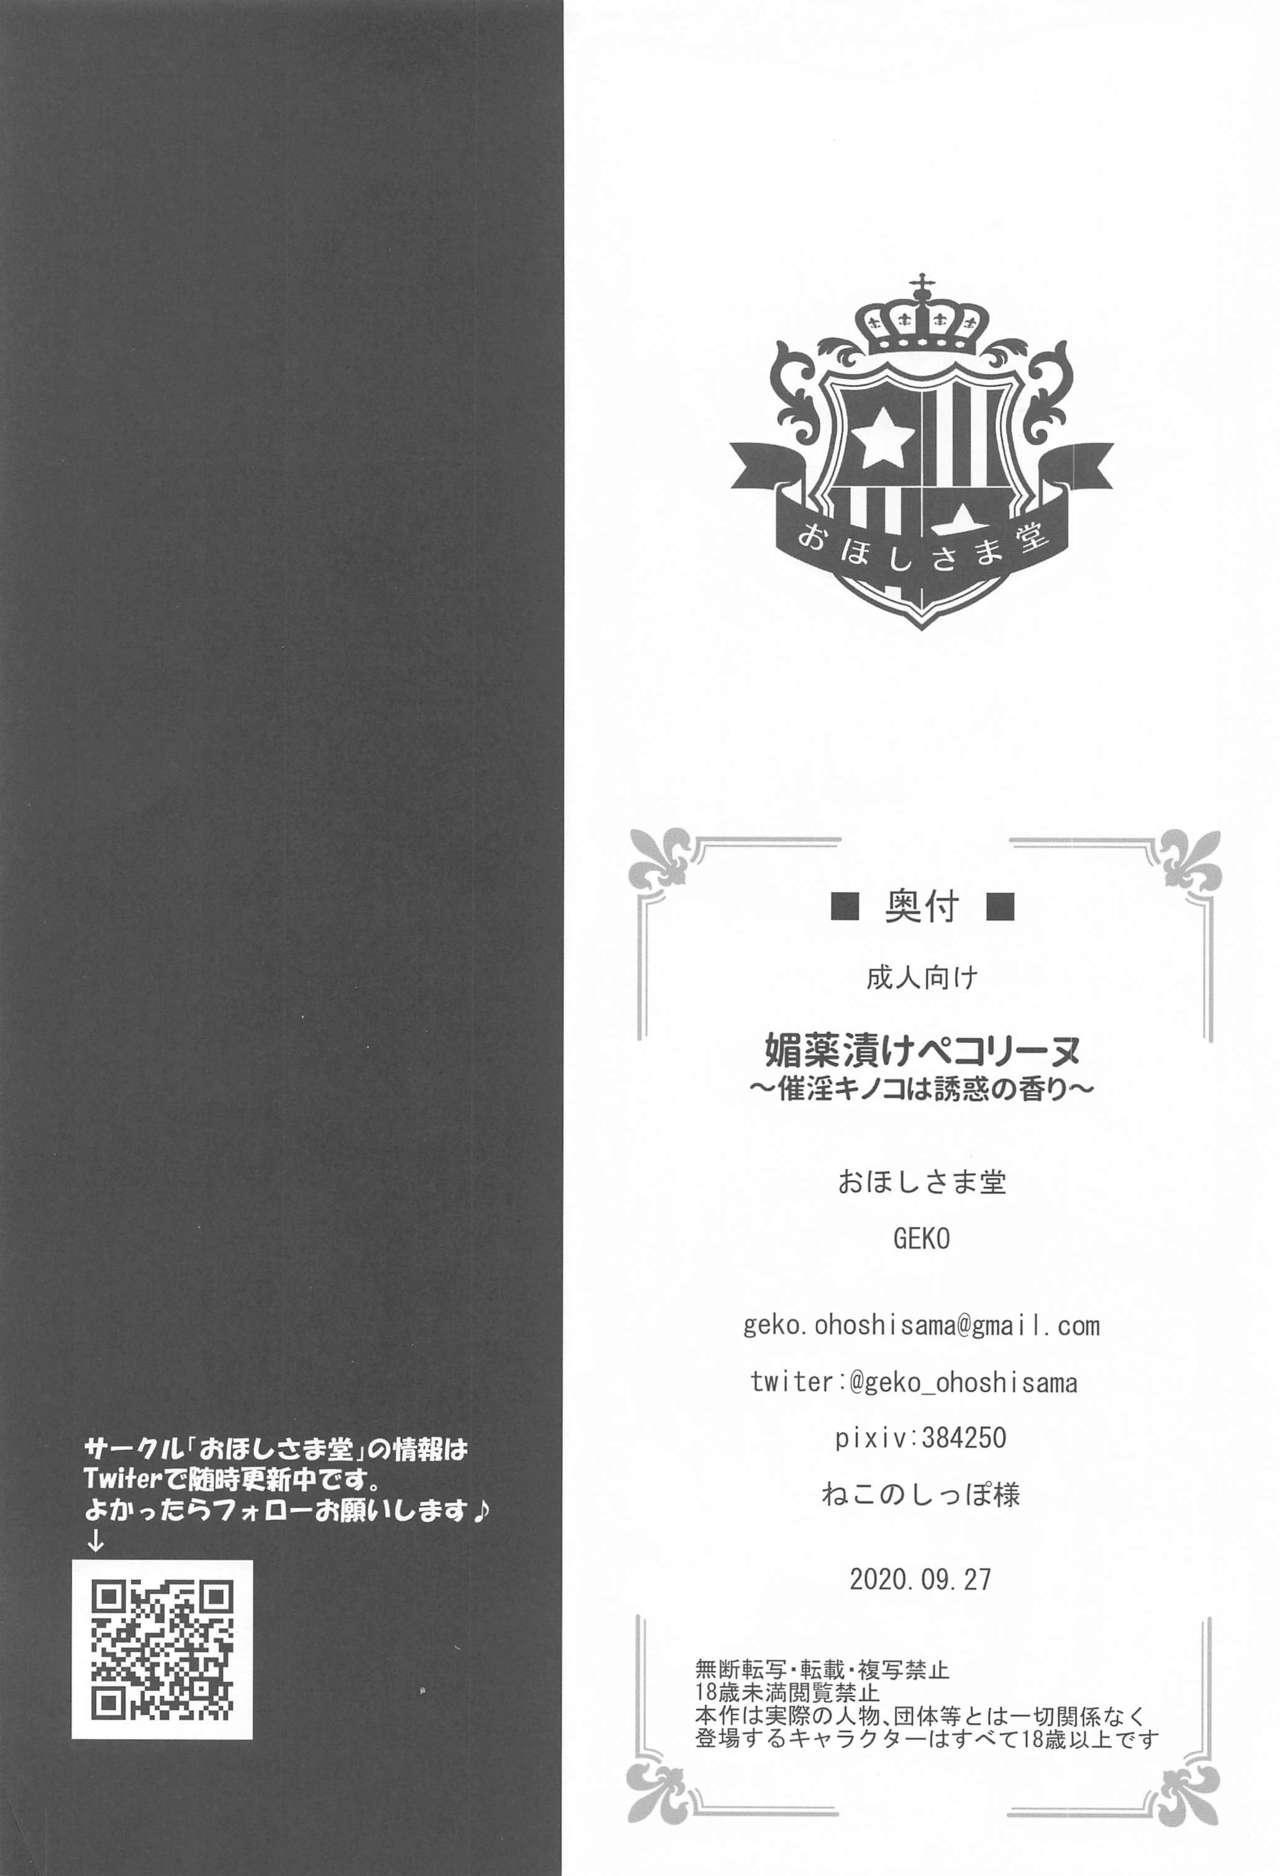 Biyakuzuke Pecorine 24